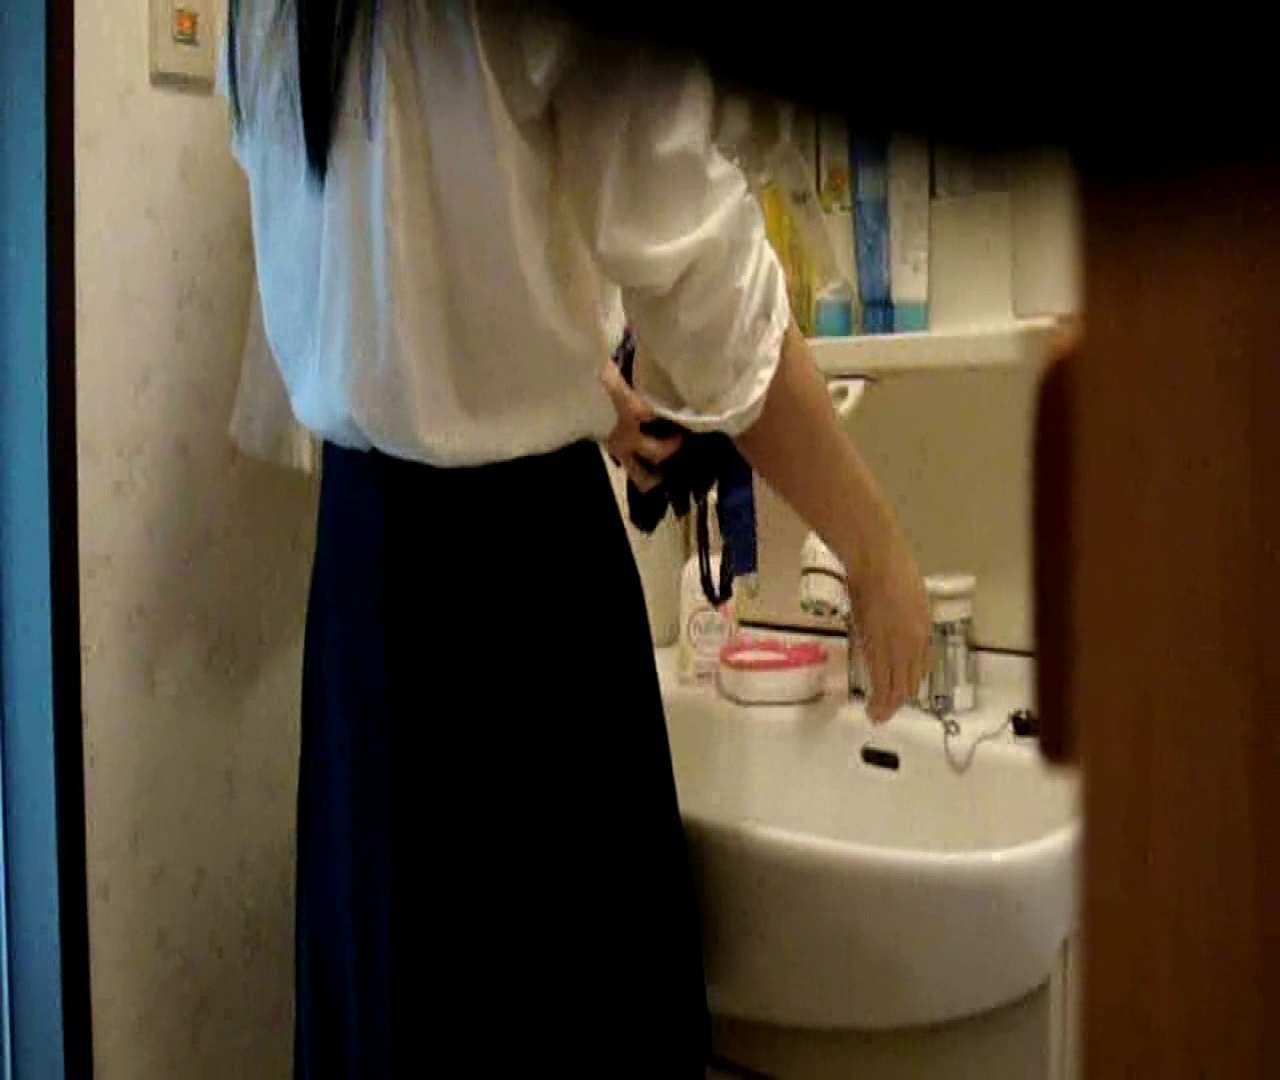 二人とも育てた甲斐がありました… vol.05 まどかが洗顔後にブラを洗濯 HなOL | 0  98pic 27